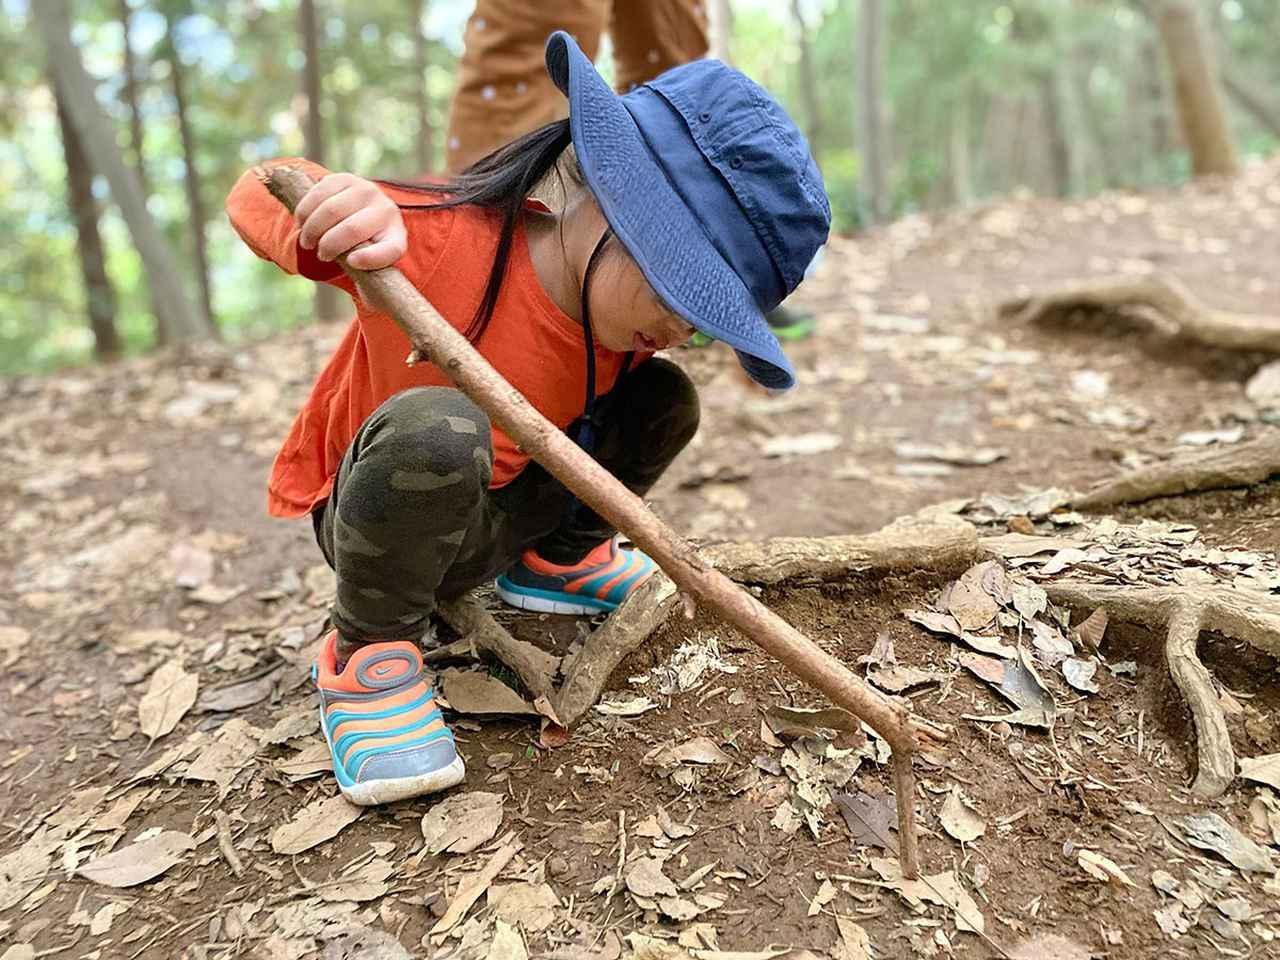 画像: 筆者撮影 3歳の娘が自然に触れている様子(11月上旬の高尾山)